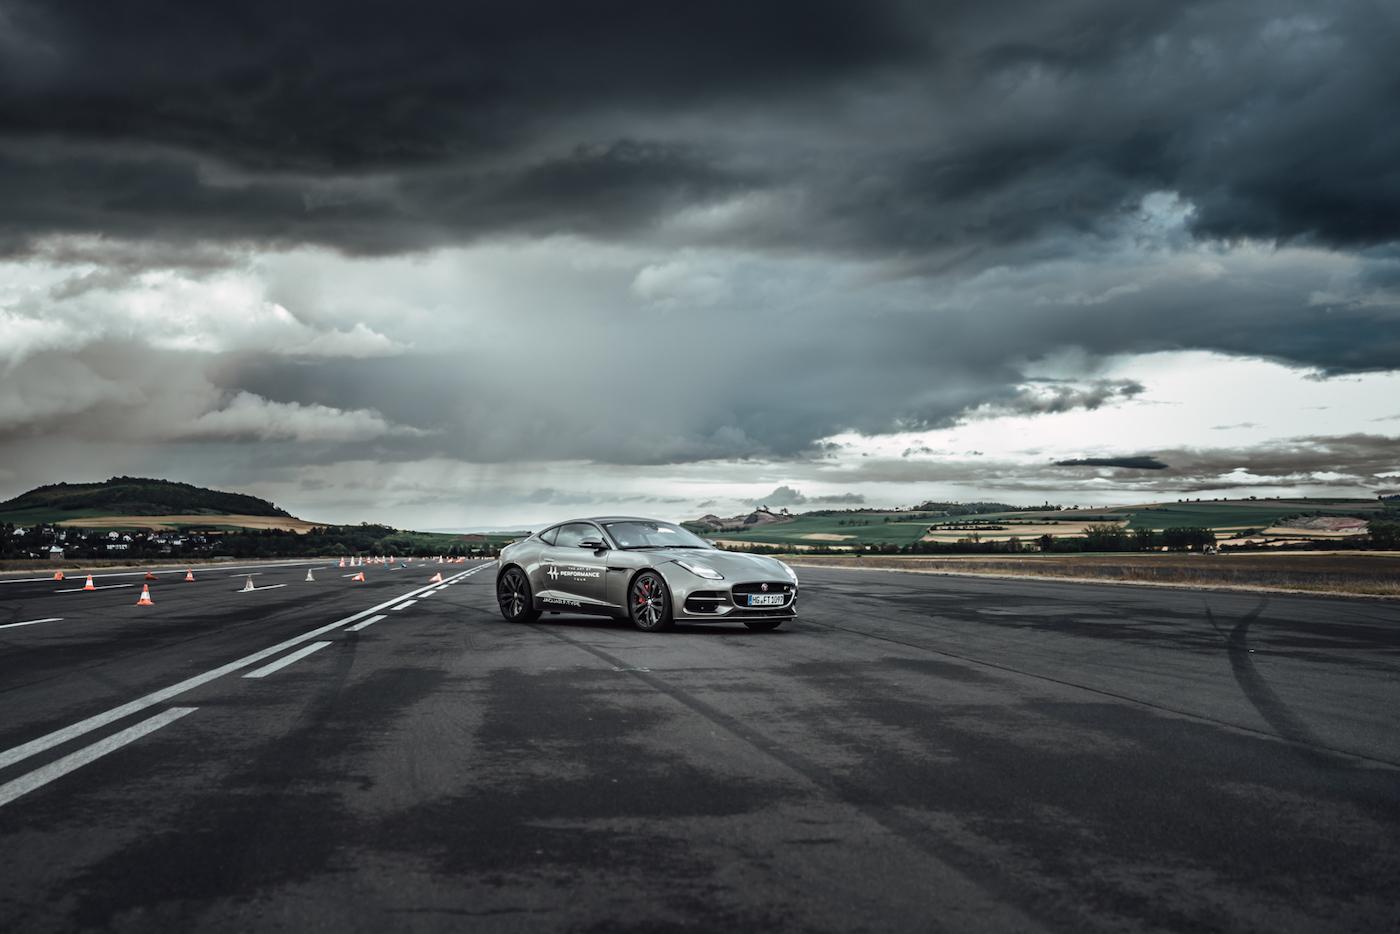 Die Jaguar Art of Performance Tour: Ein einzigartiges Fahrerlebnis auf einem Flugplatz 2